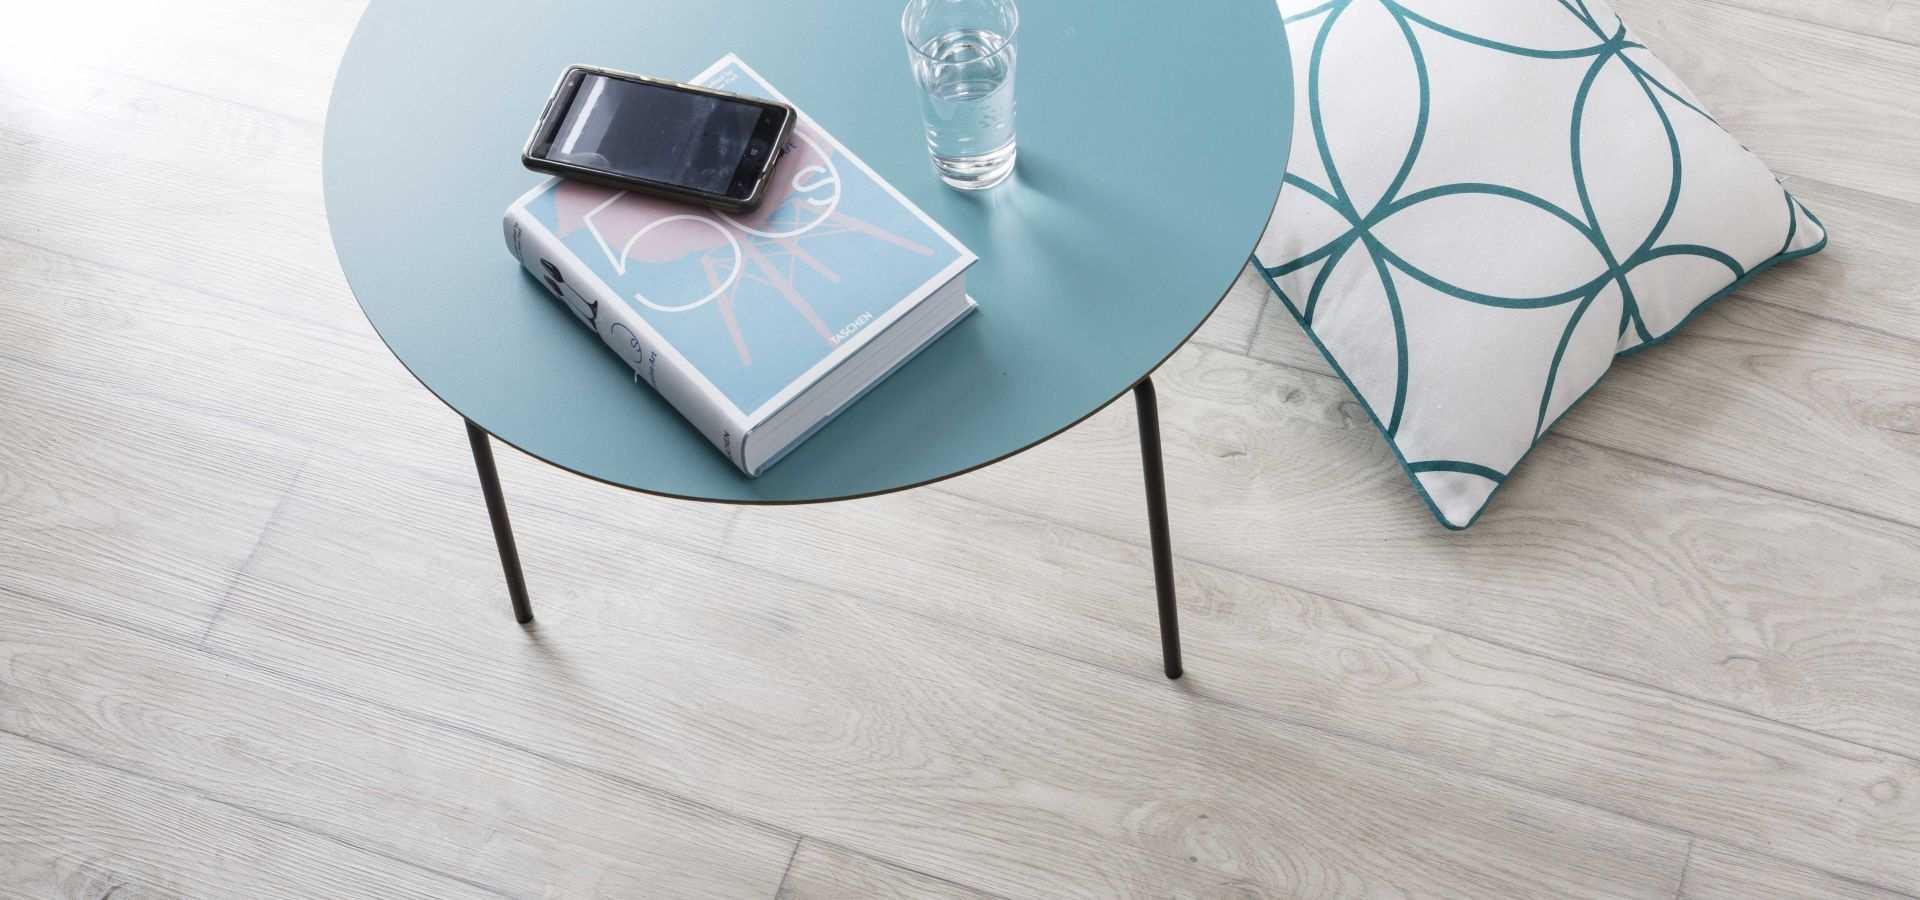 Bild Wohnen CV Boden Wohnzimmer weiße Holzoptik